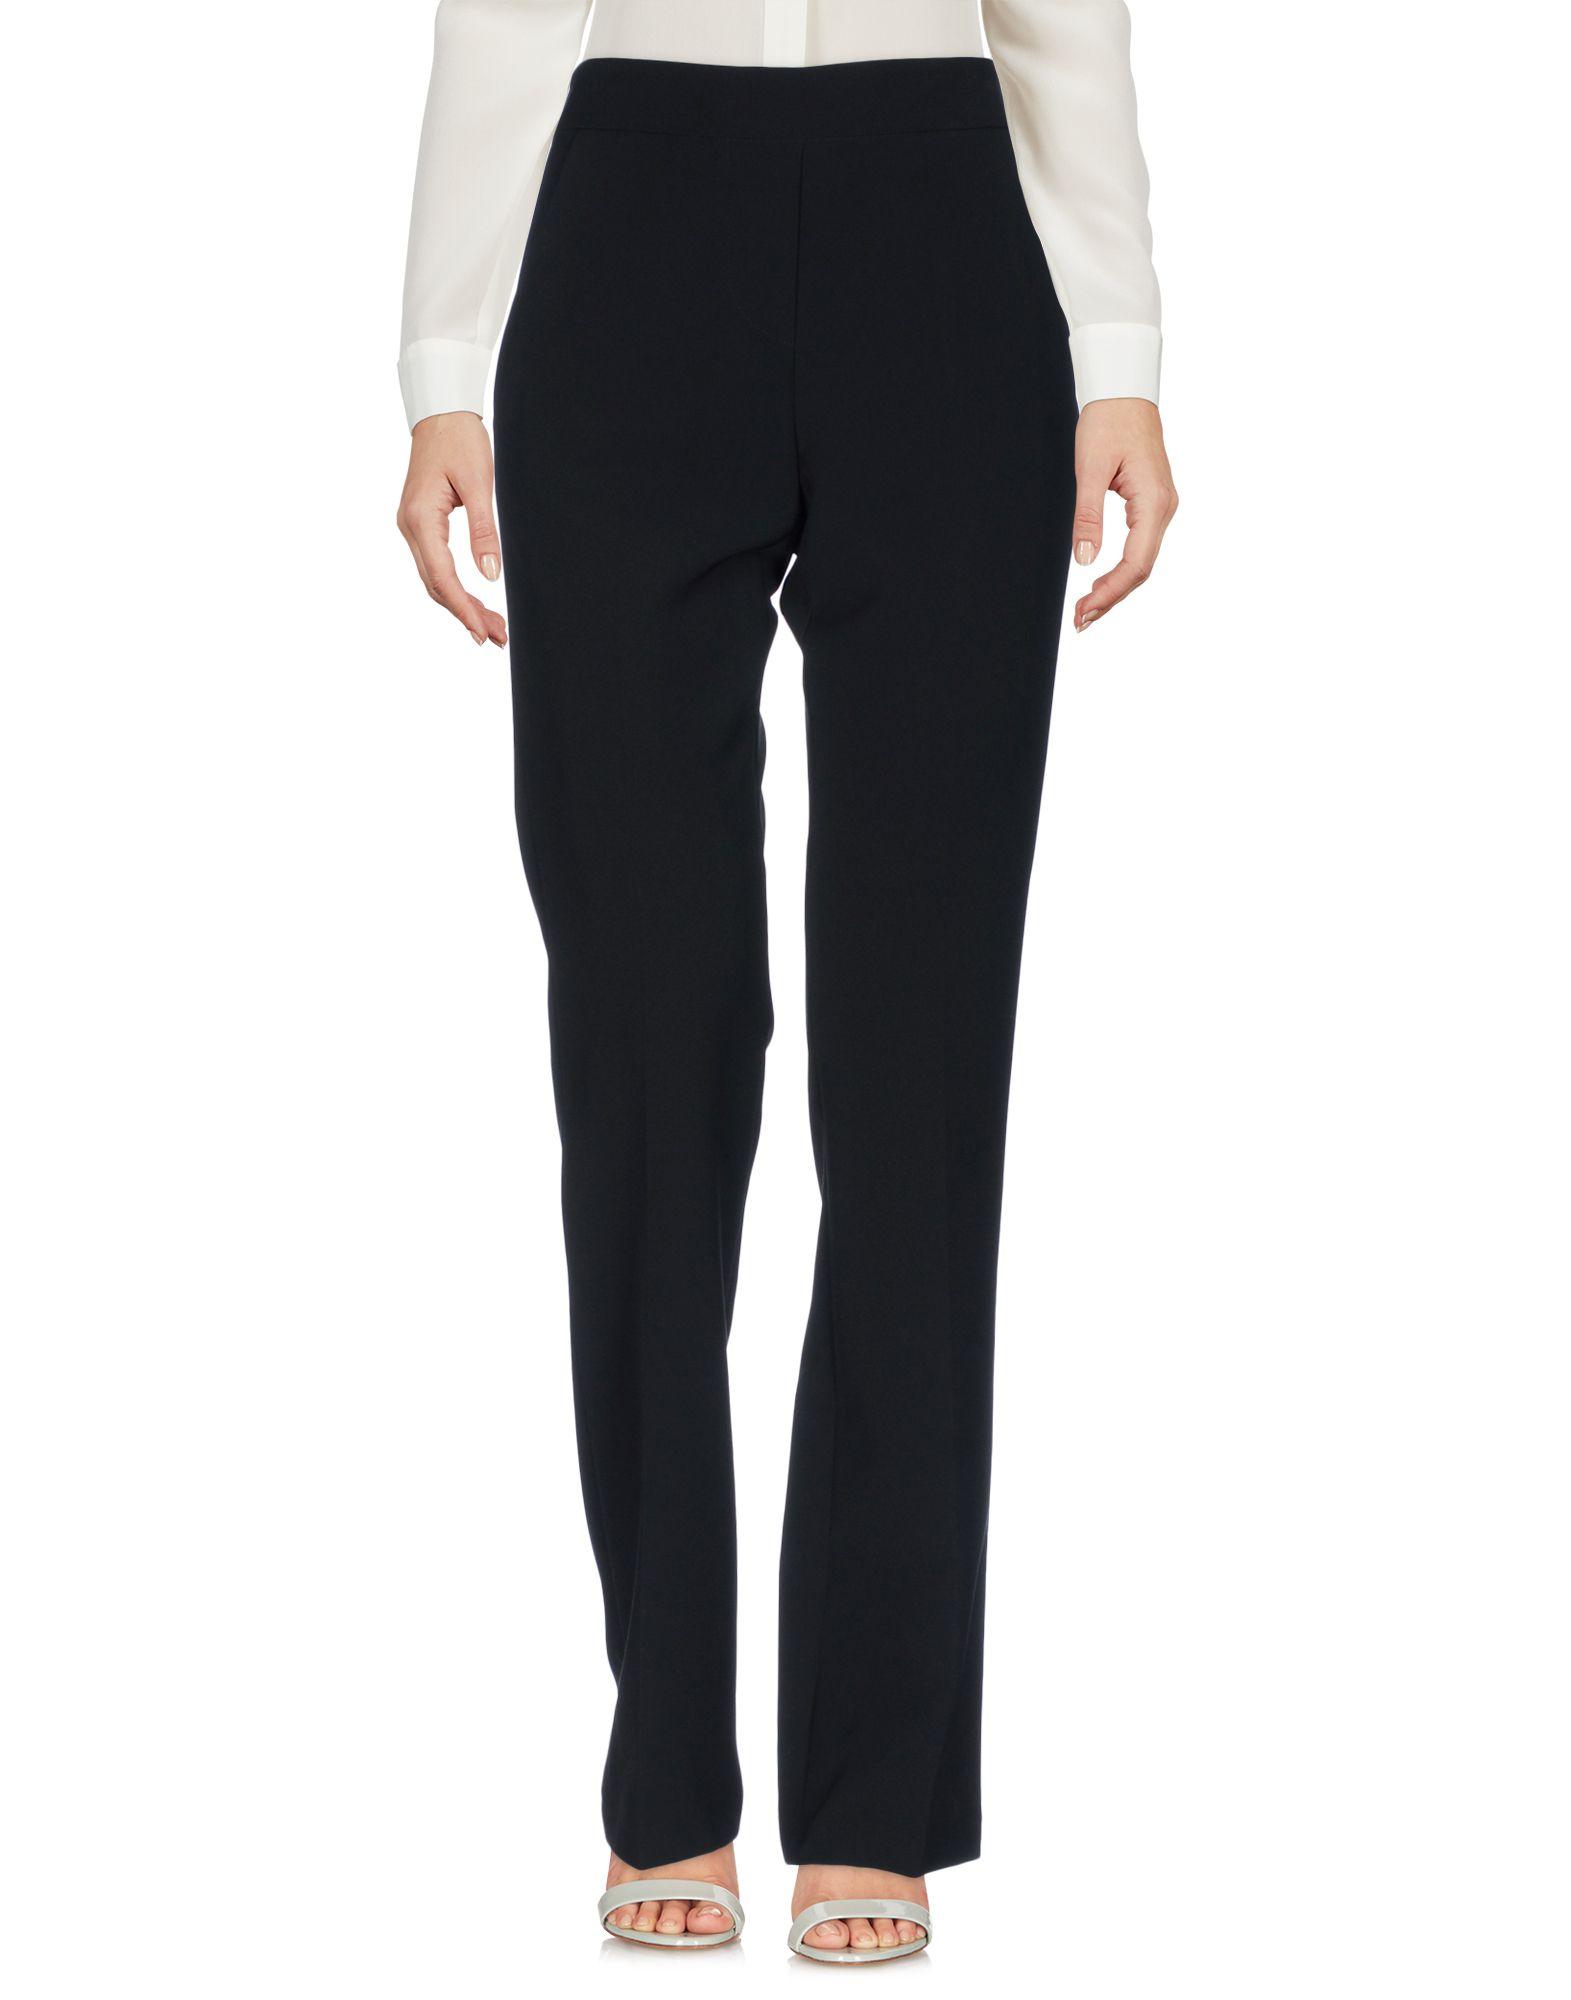 HOPE COLLECTION Повседневные брюки playboy vip collection мужские повседневные брюки прямые стройные брюки